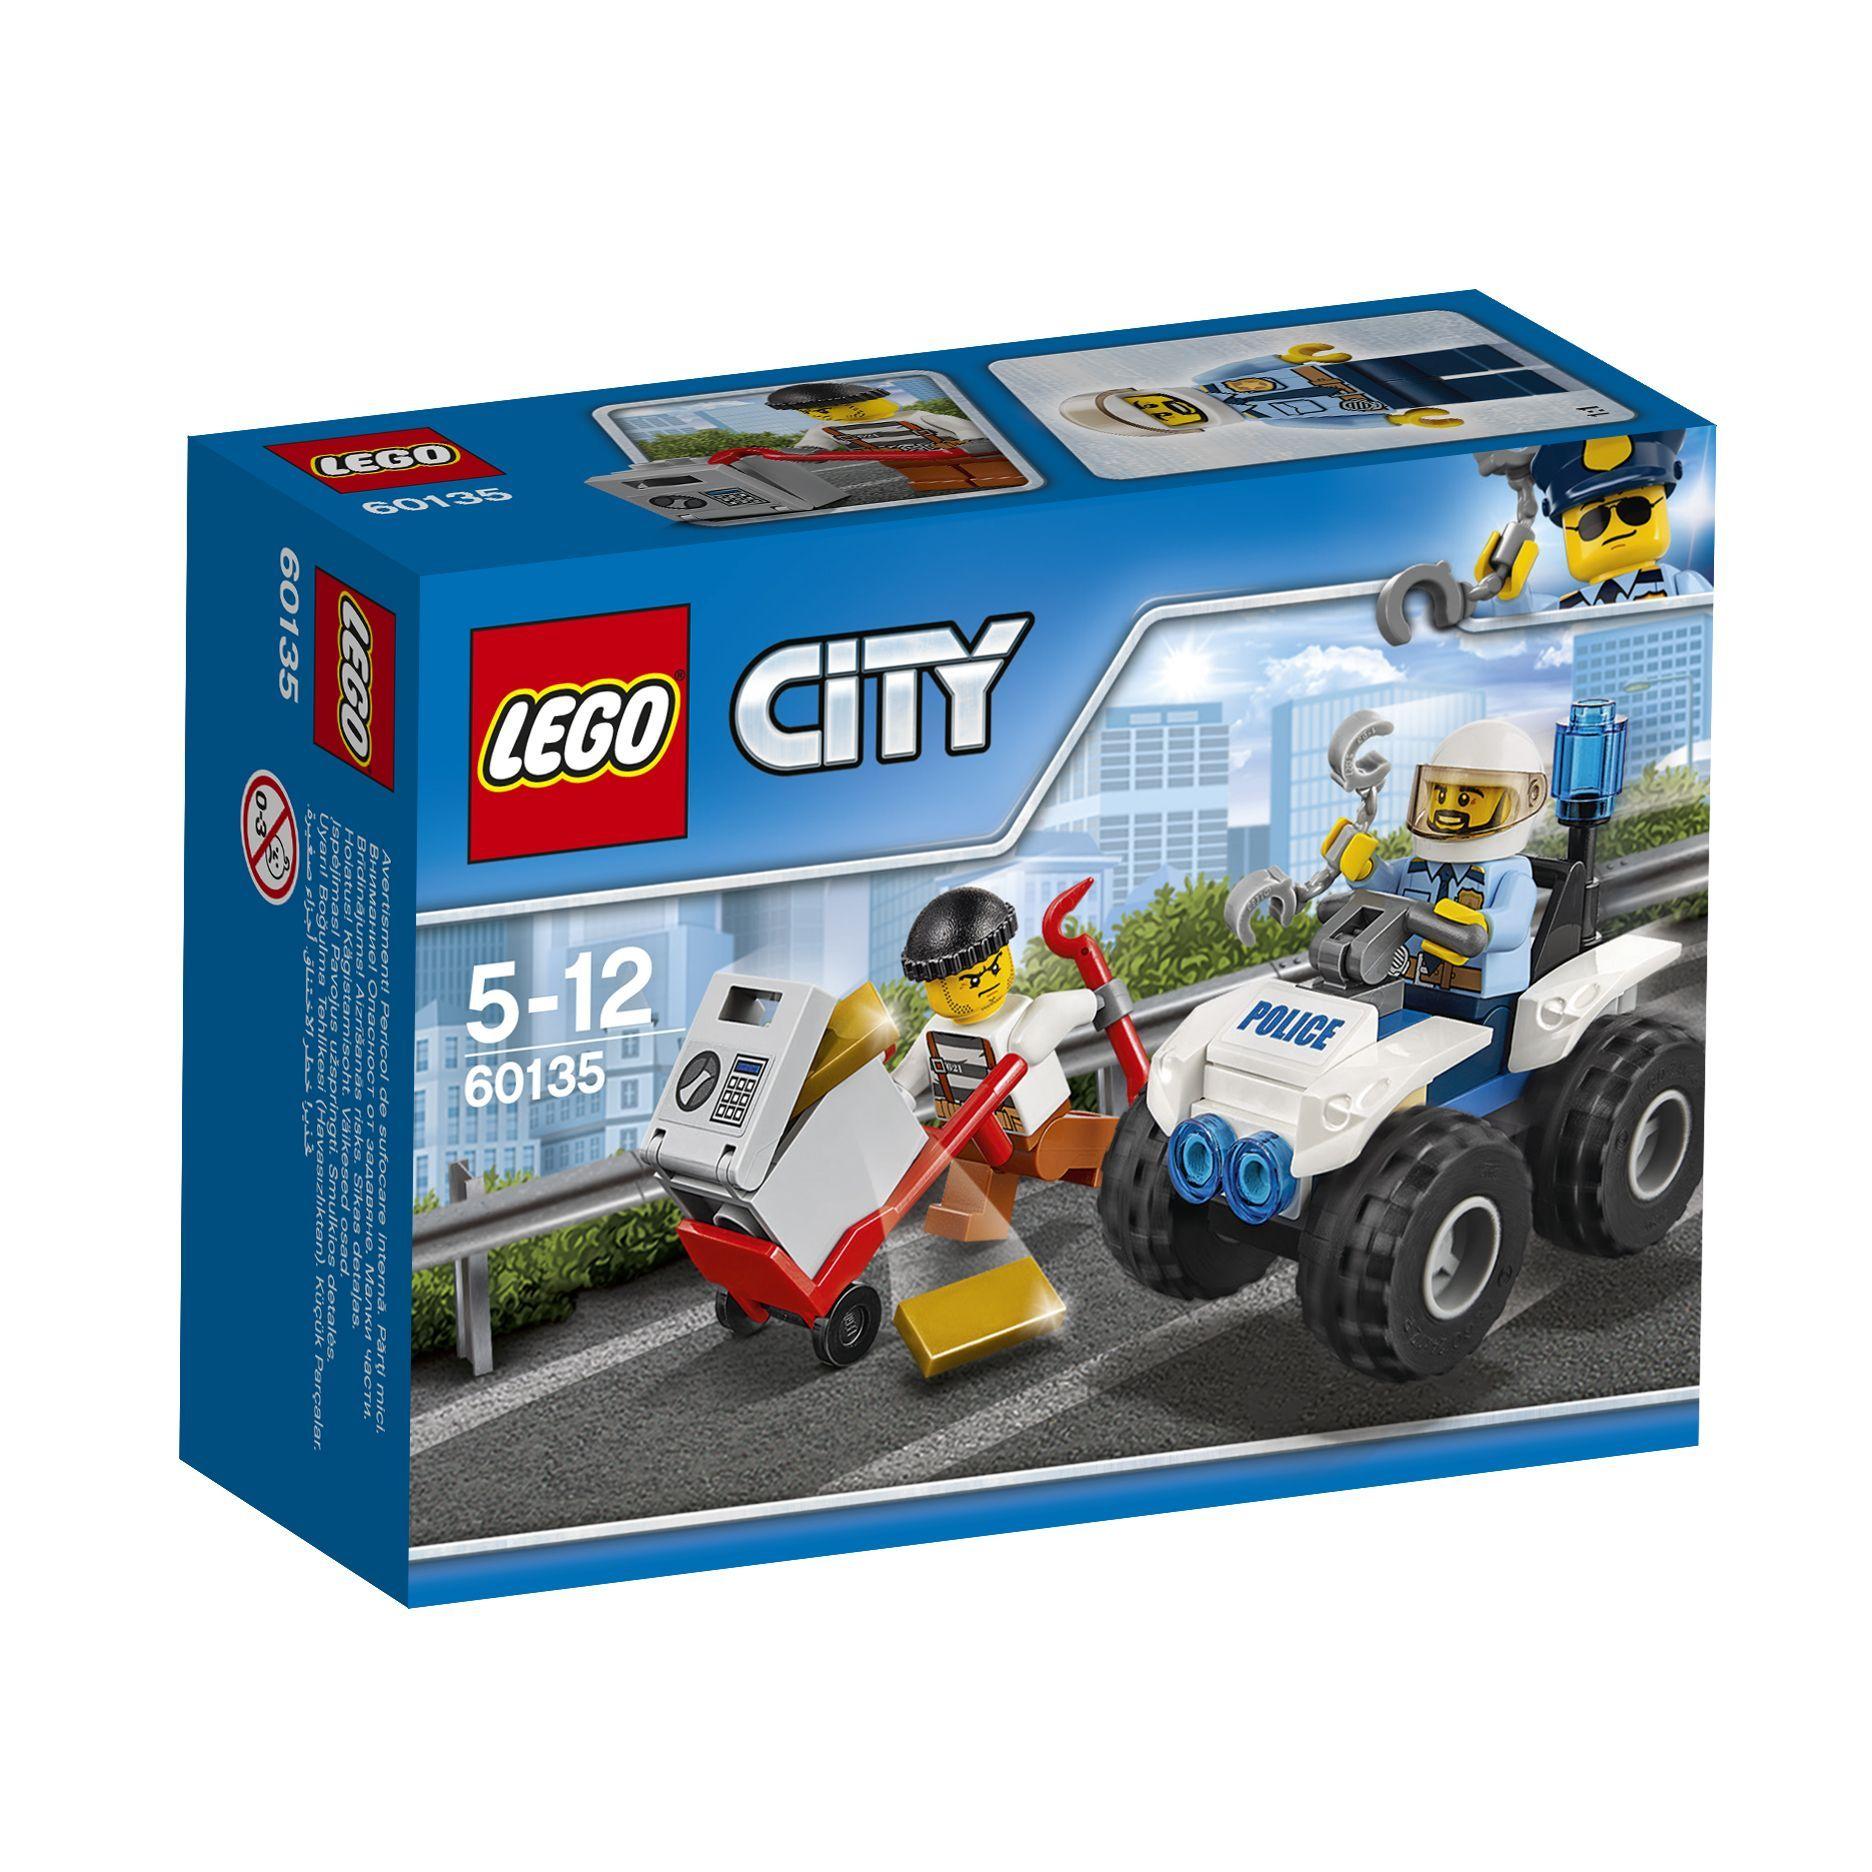 Lego Spielzeug Günstig Online Kaufen